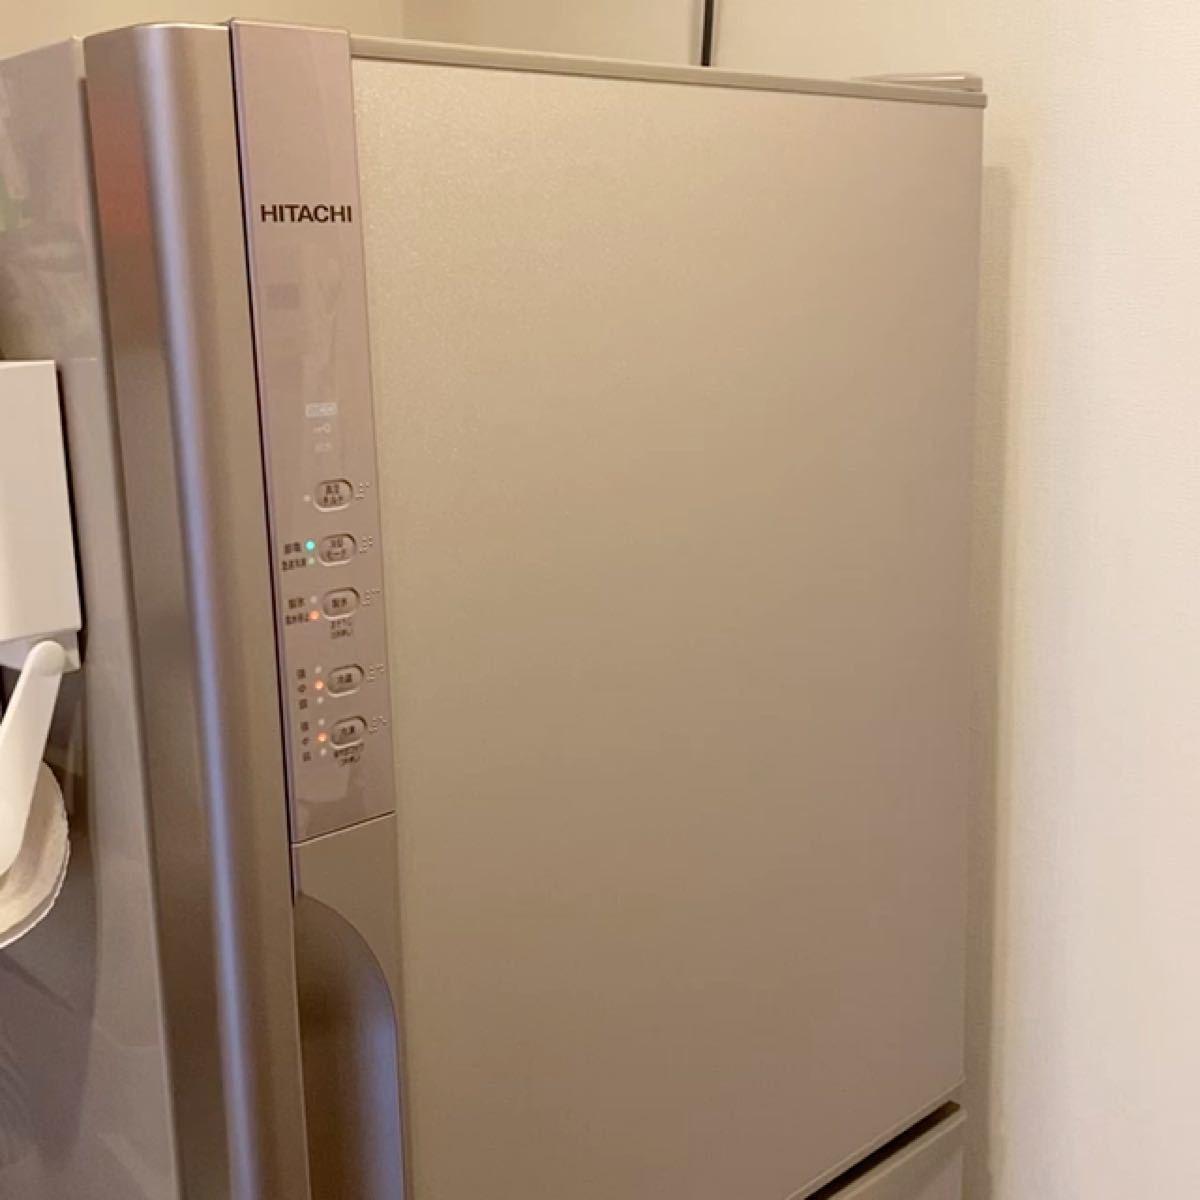 日立 真空チルド R-K270EV シャンパンゴールド冷蔵庫